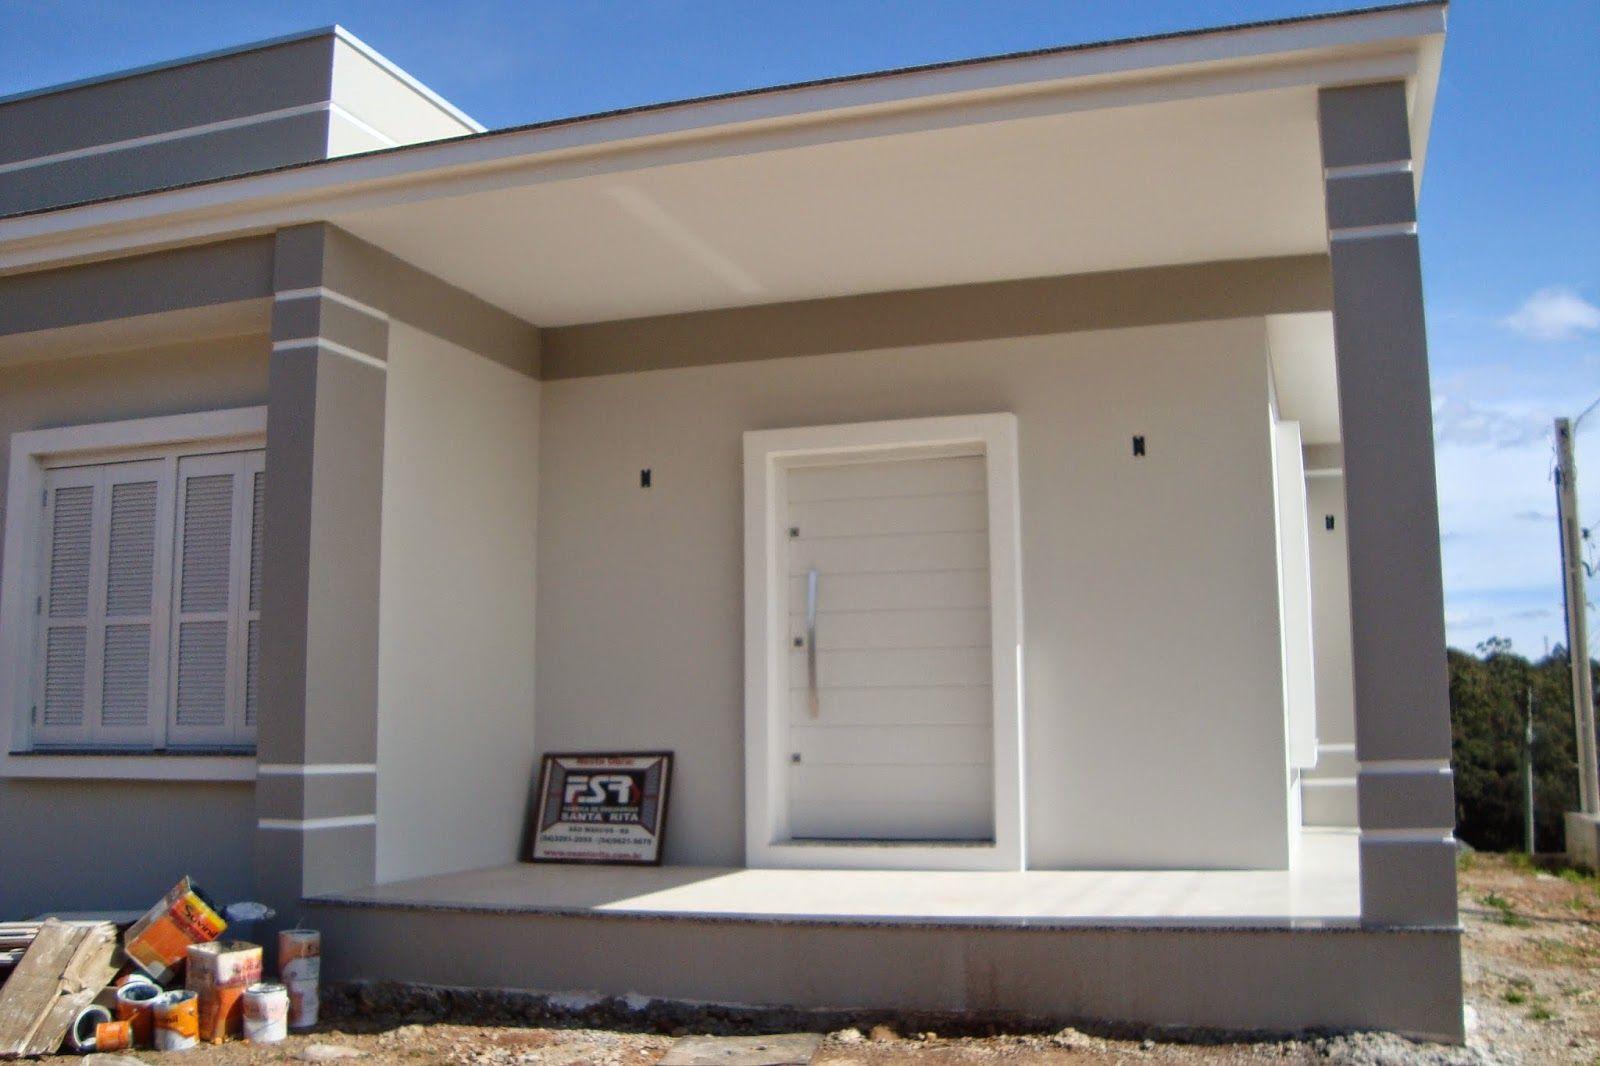 Casa cinza pintura fachada pinterest kitchenette for Frentes de casas pintadas